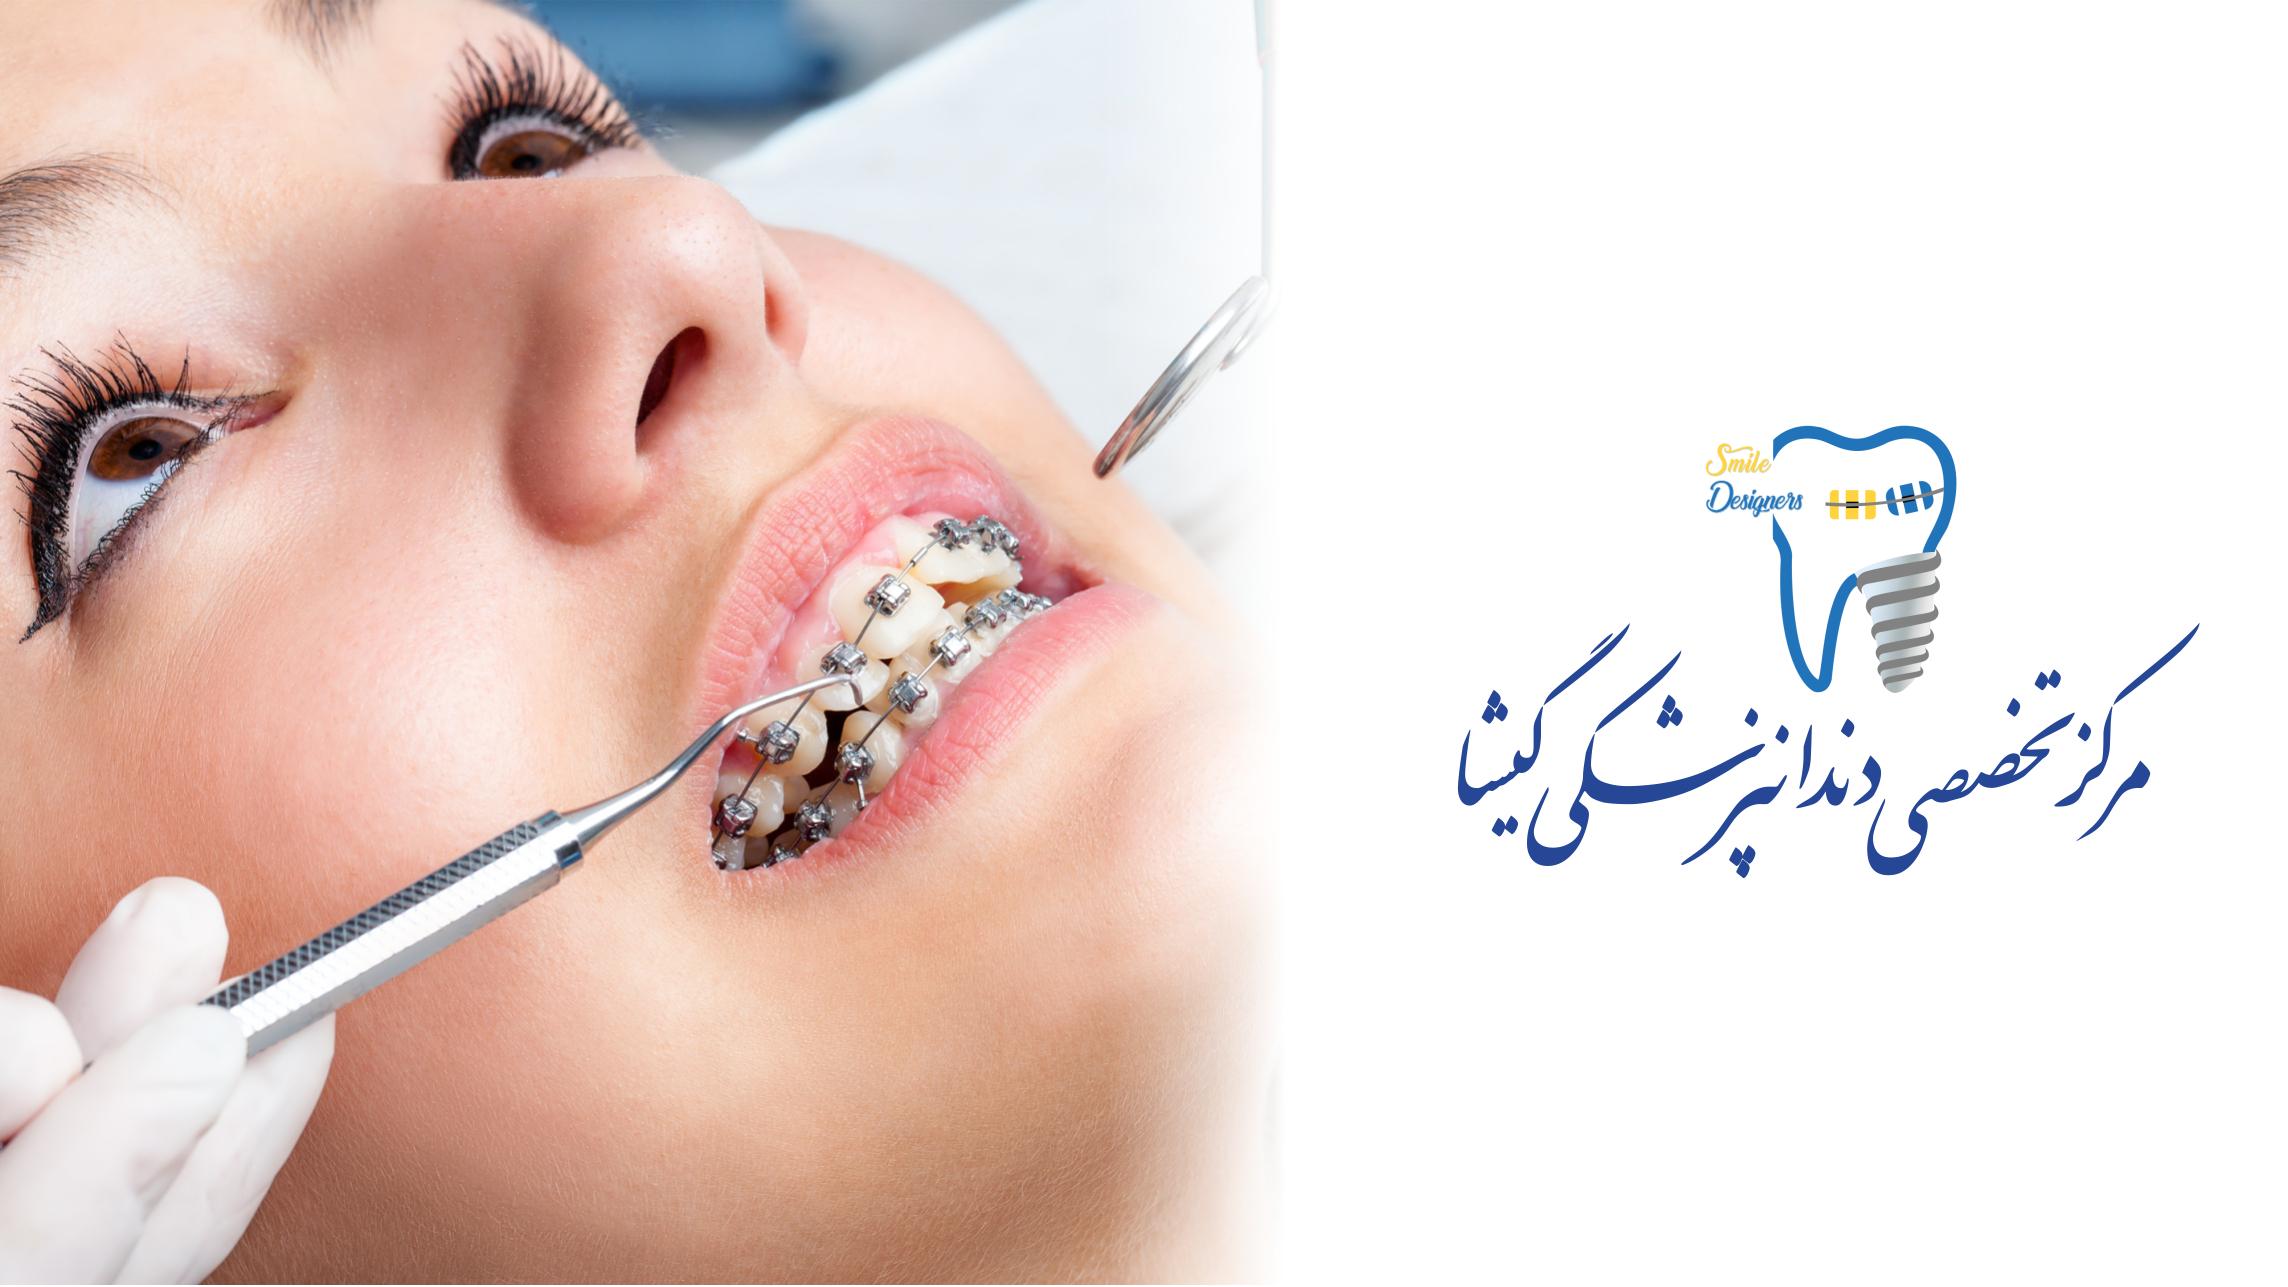 بهترین متخصص ارتودنسی در کلینیک گیشا تهران